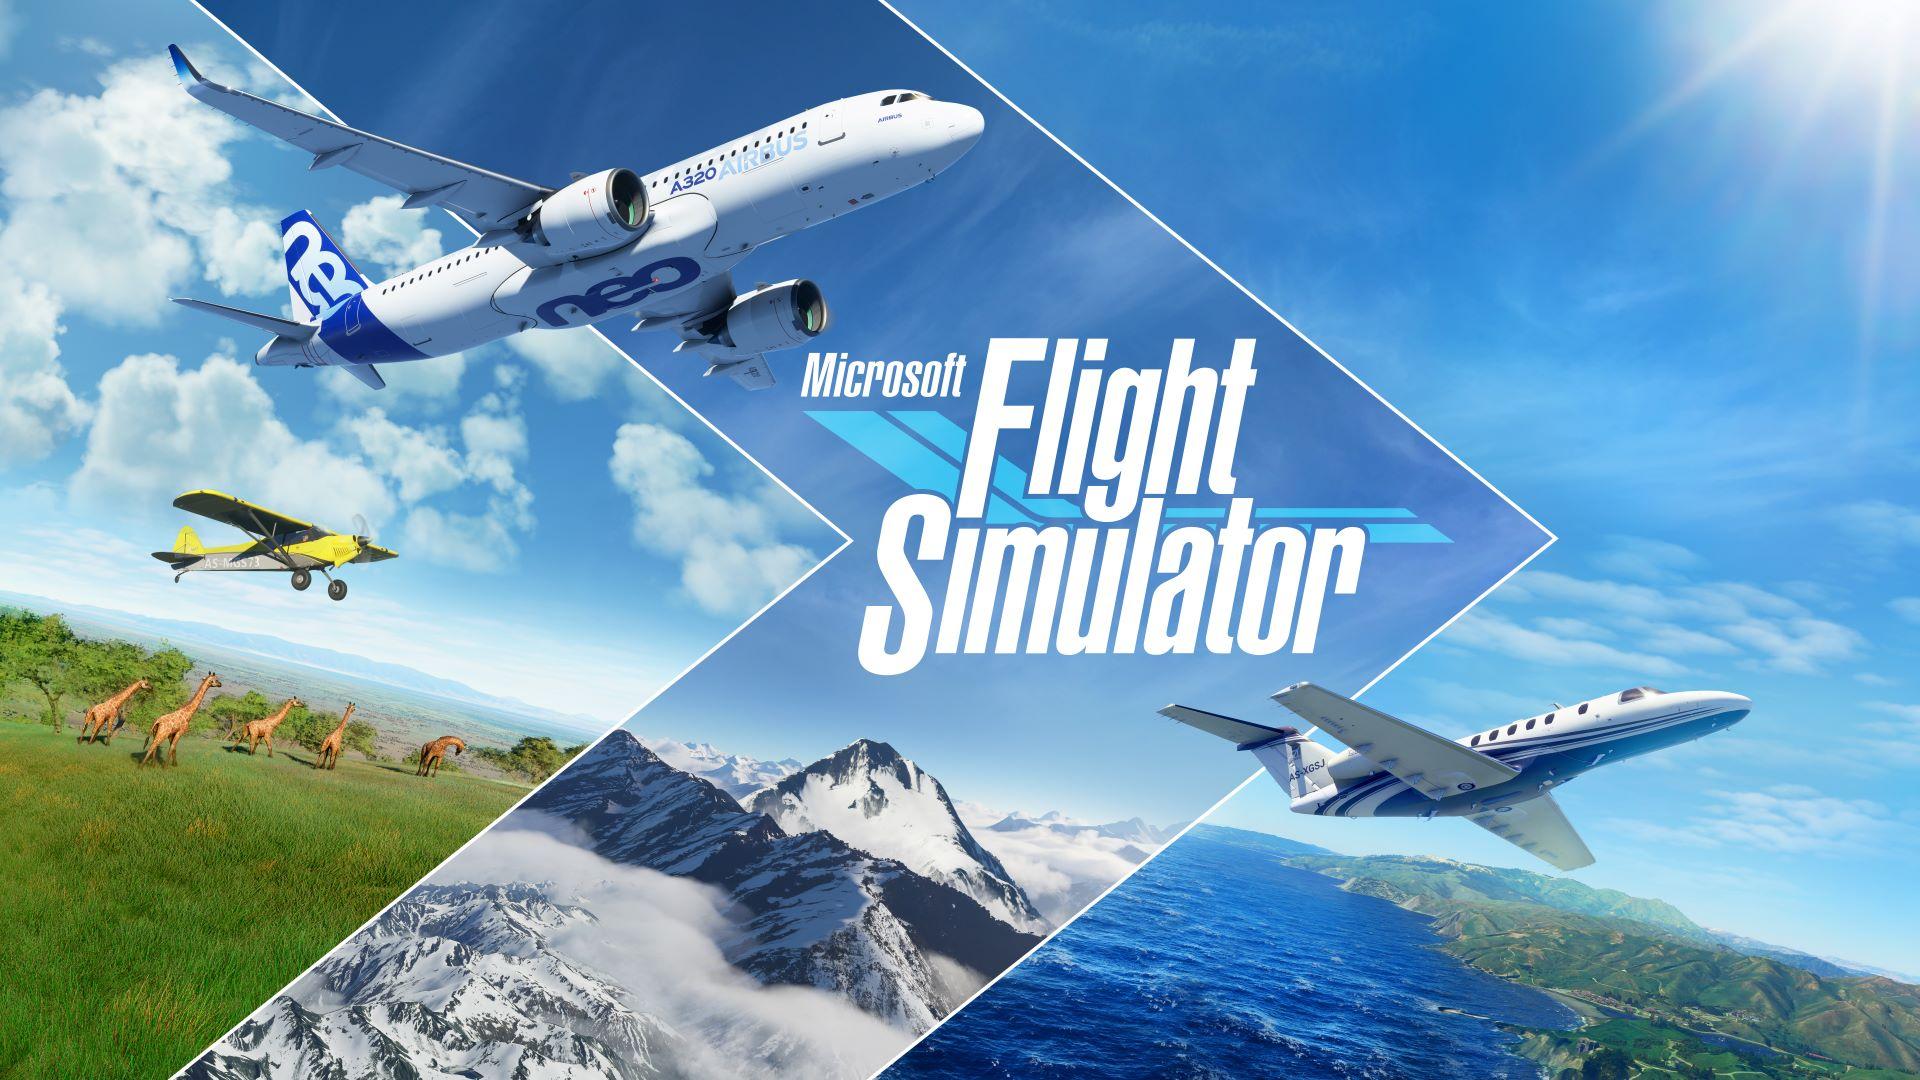 O Microsoft Flight Simulator 2020 foi lançado nesta segunda-feira e rapidamente se tornou um dos jogos mais jogados no PC.